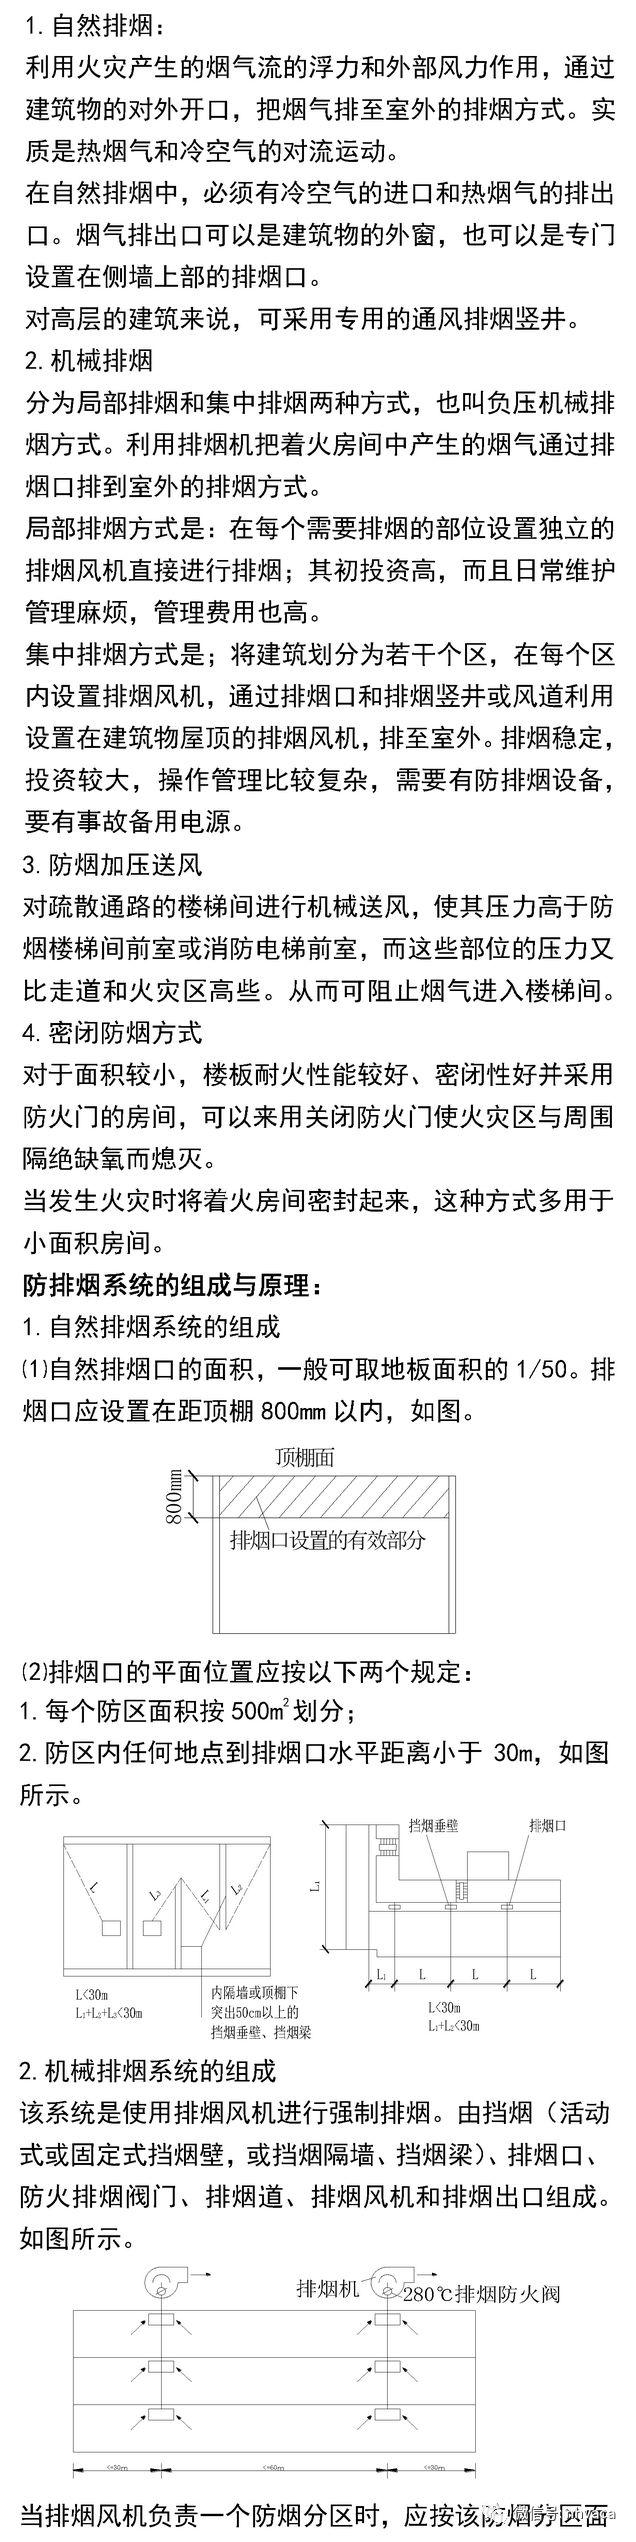 防火分隔设施基础知识汇总_7